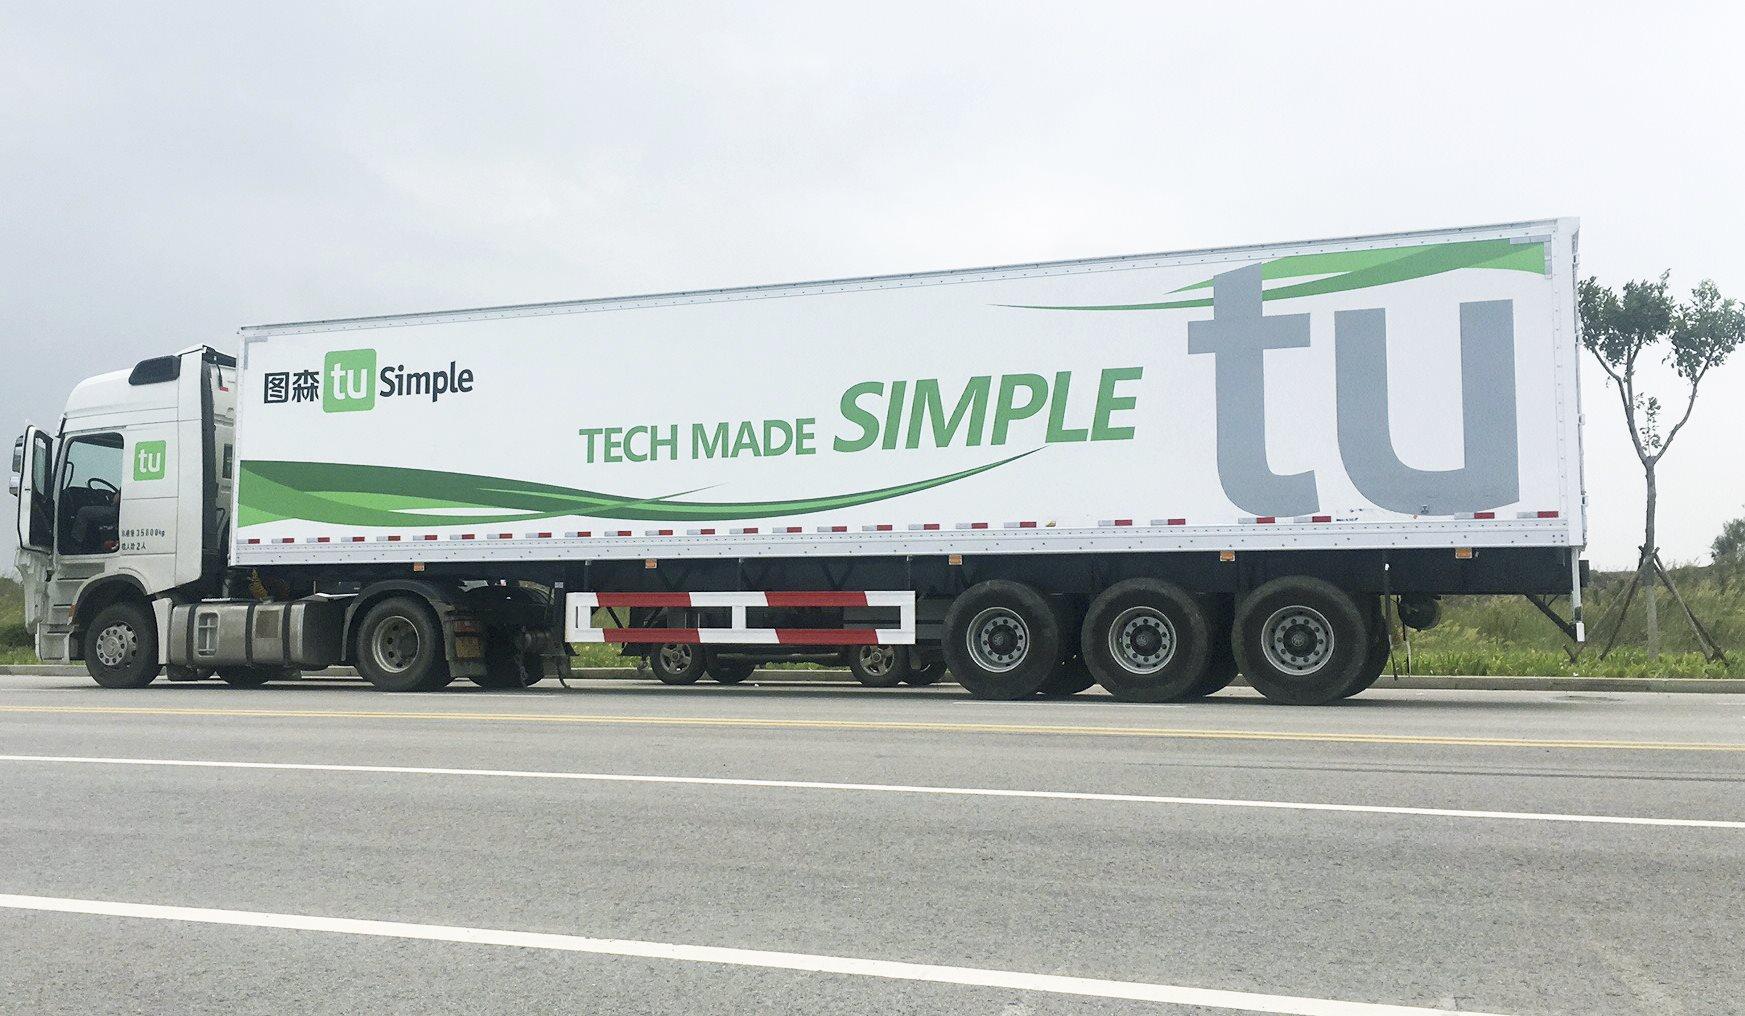 Les investissements pour la technologie des camions autonomes augmentent considérablement. Ils seraient en passe de prendre la route avant les voitures autonomes pour particuliers.